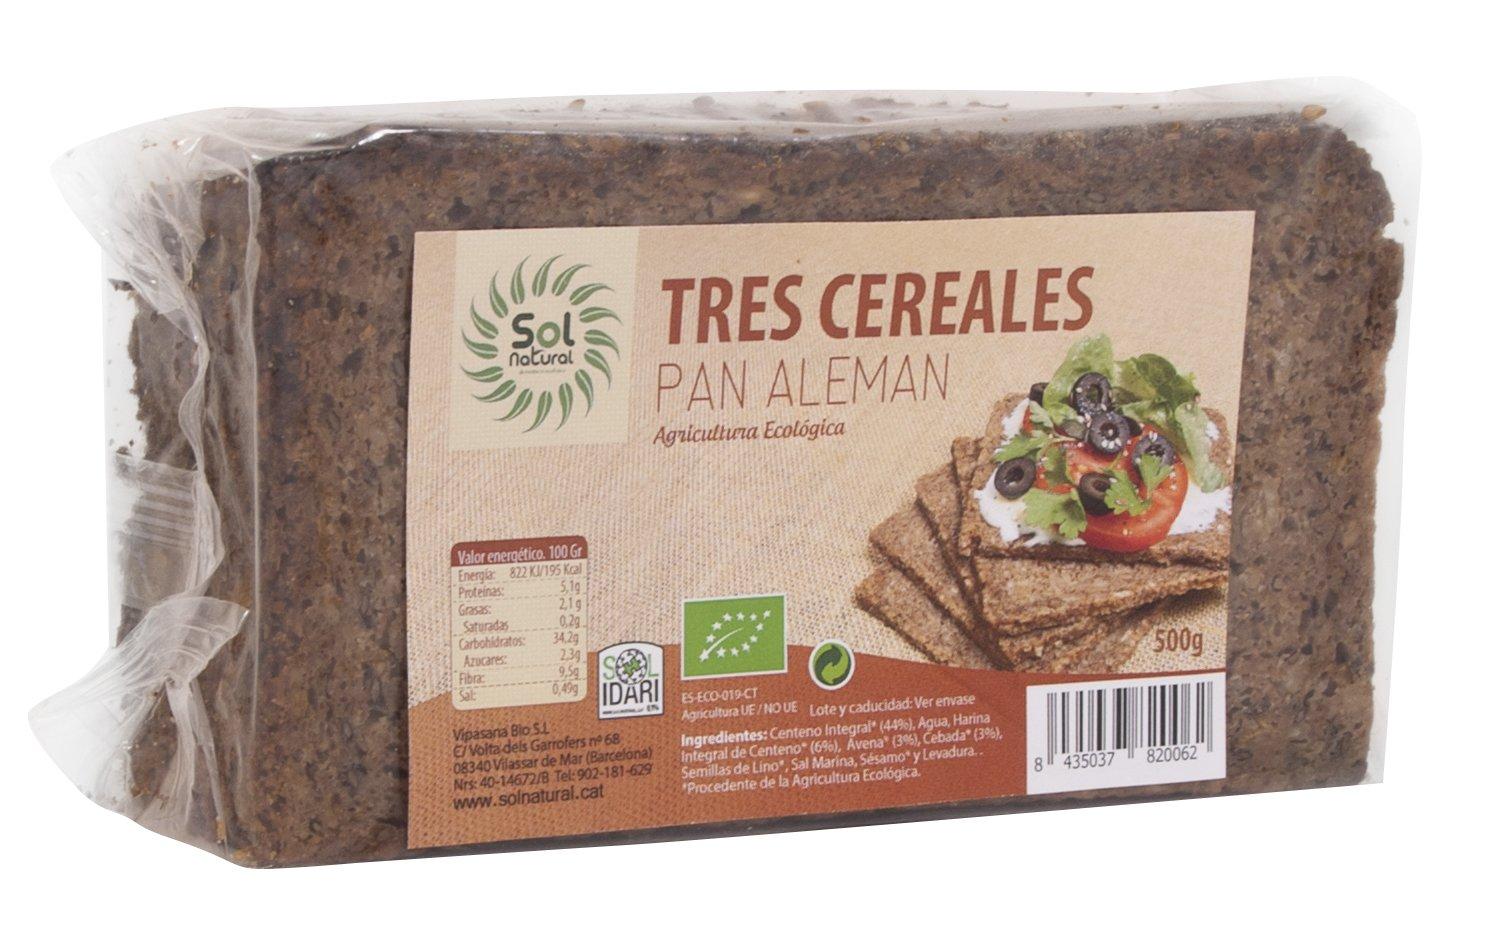 Sol Natural Pan Aleman 3 Cereales 500 Gramos: Amazon.es: Alimentación y bebidas